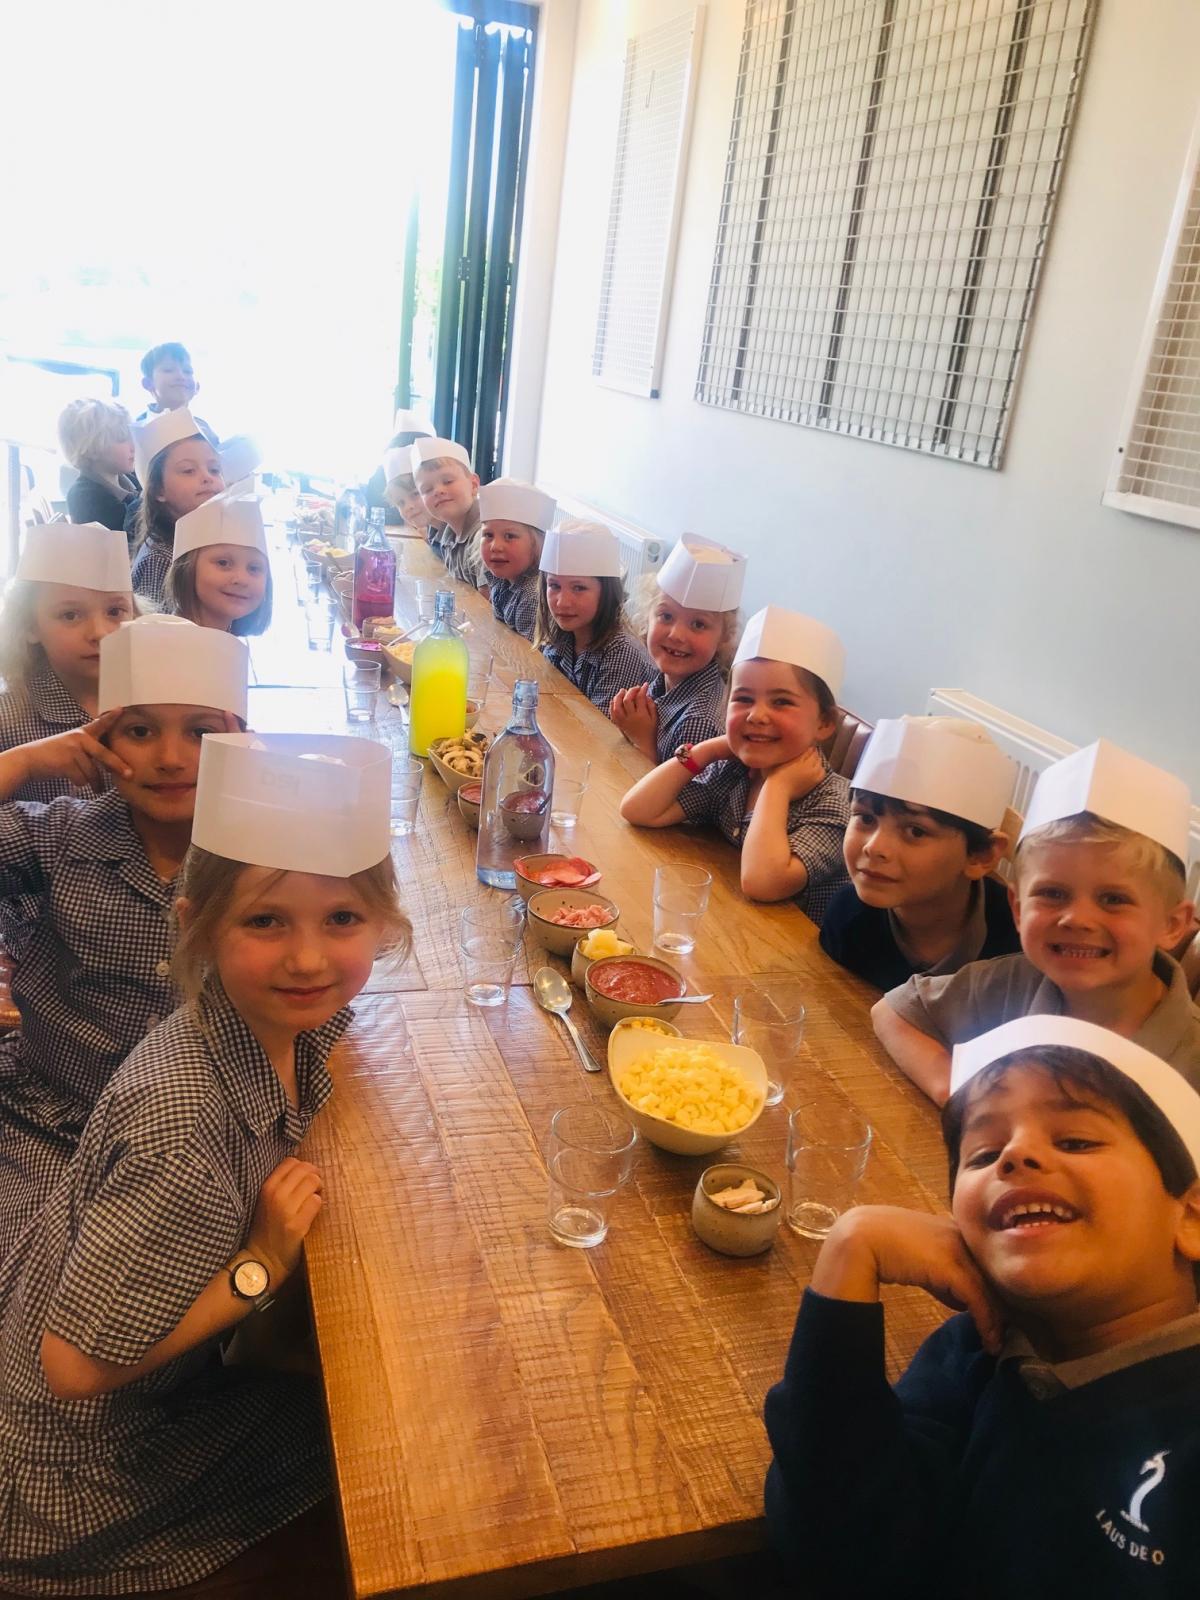 School Children Still Get Day Out Despite Pizza Express Van